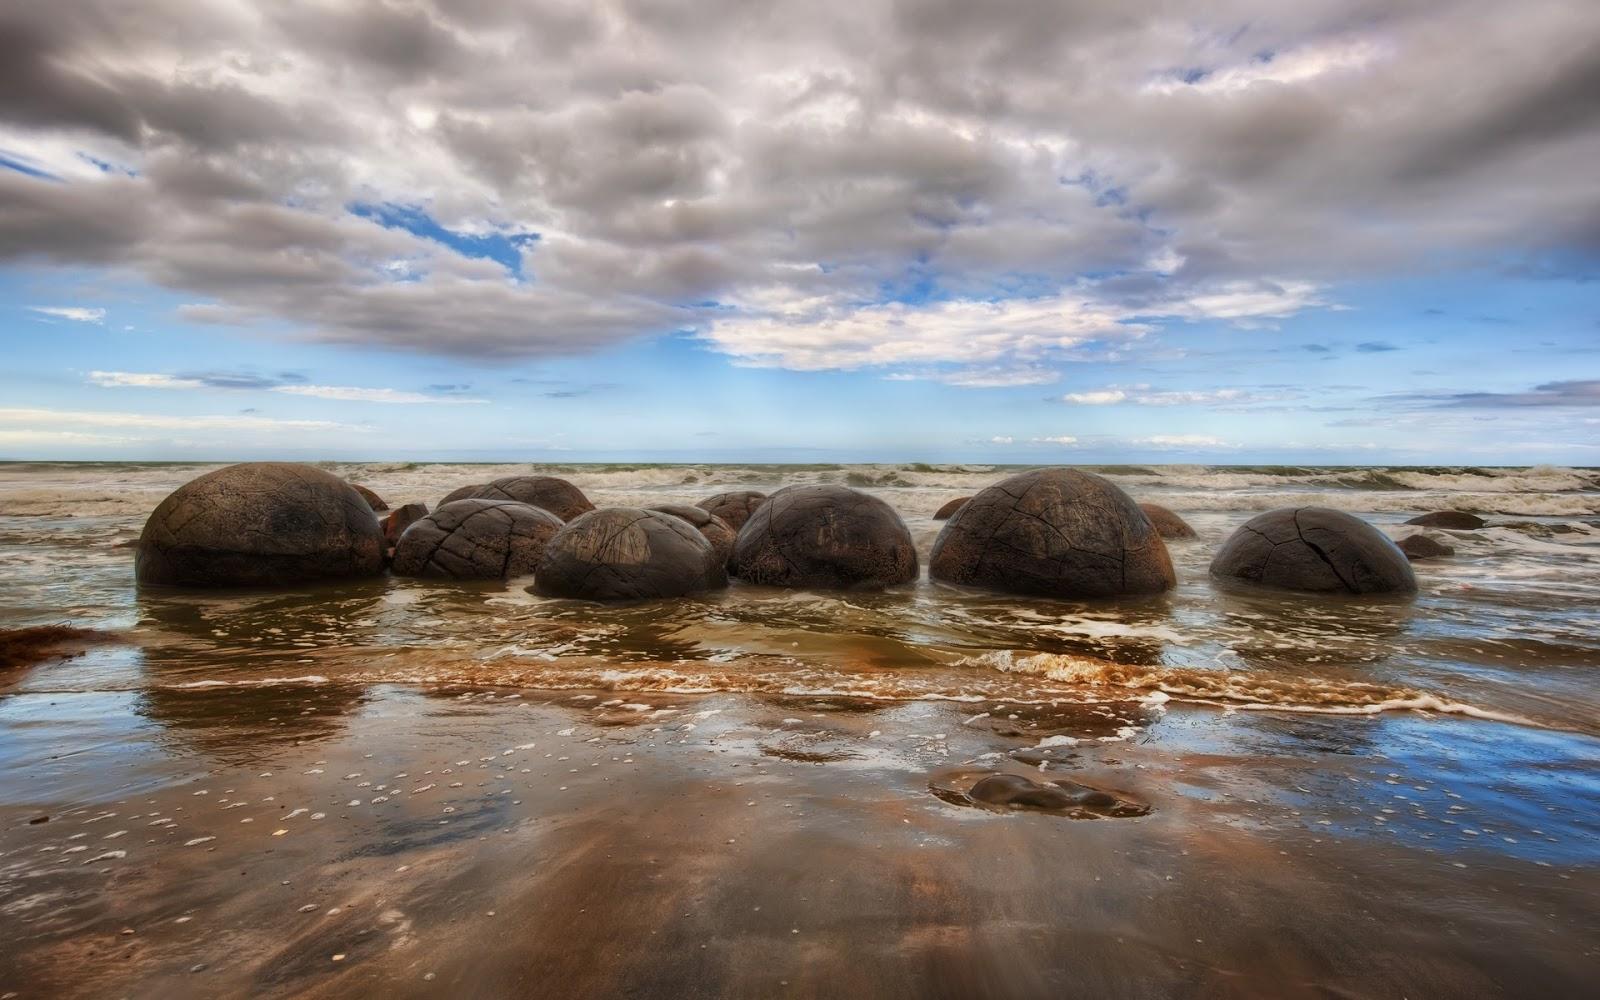 Big Sea Balls